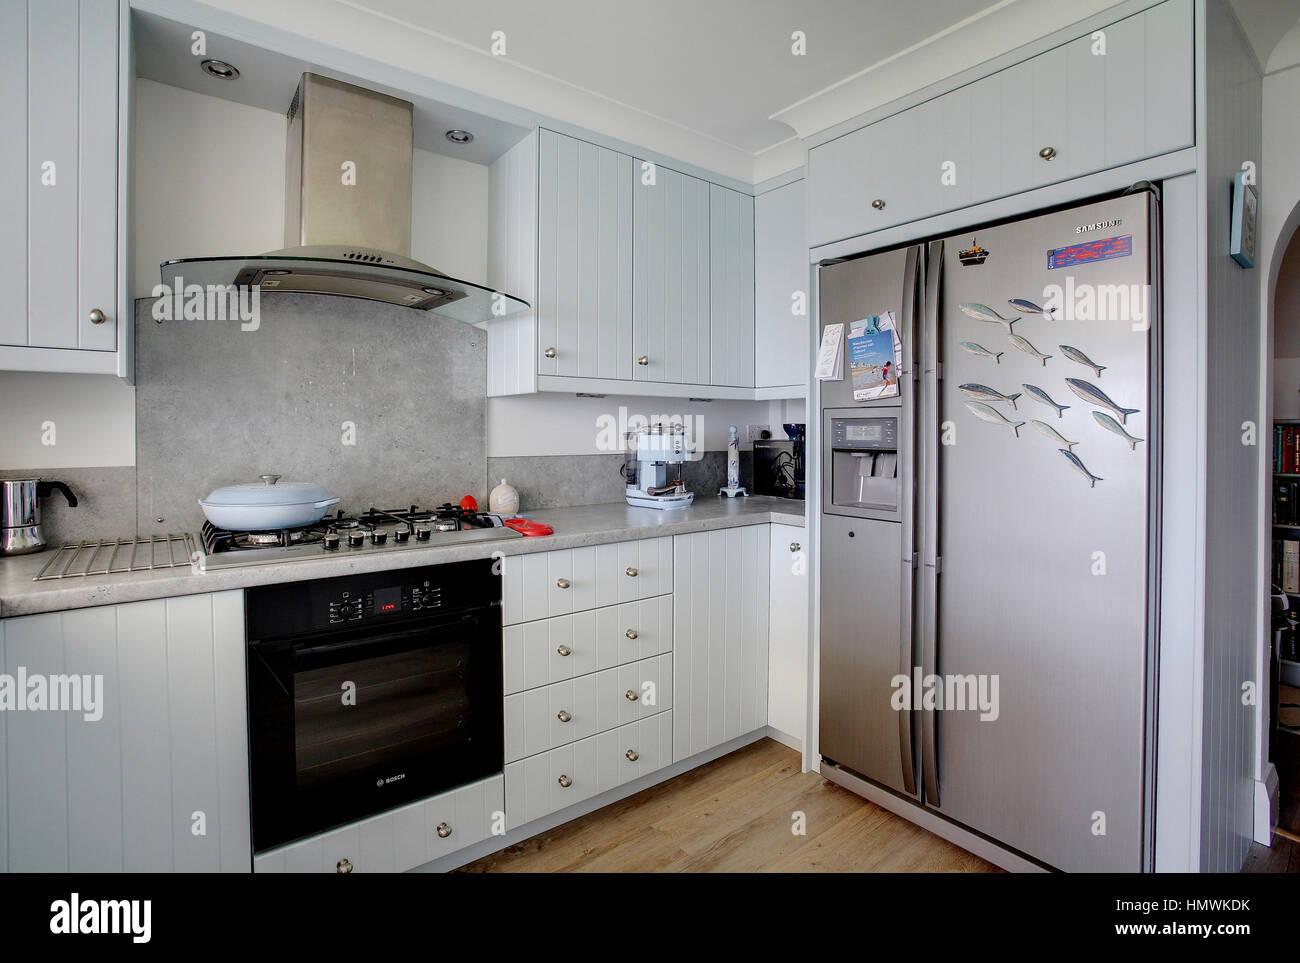 Blue Cupboard Storage Stockfotos & Blue Cupboard Storage Bilder - Alamy